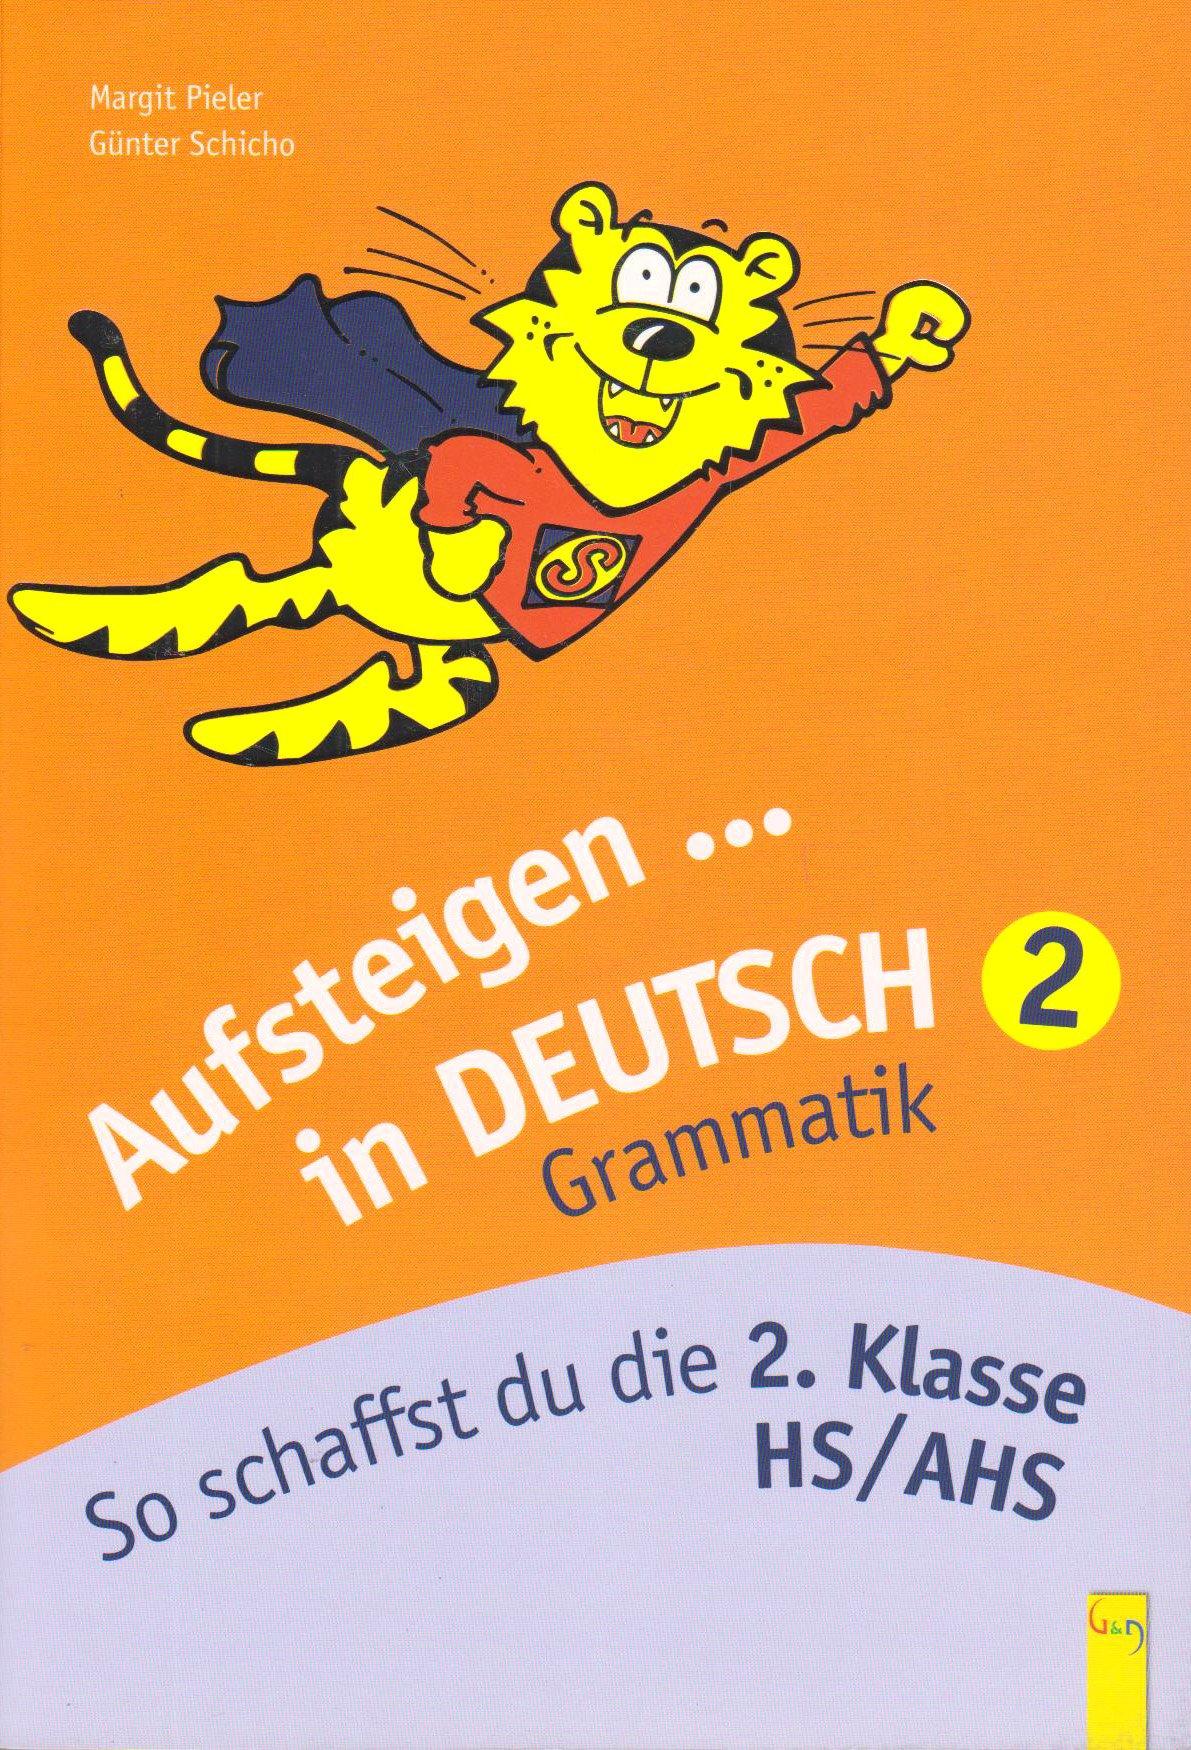 Aufsteigen in Deutsch - Grammatik 2: So schaffst du die 2. Klasse HS/AHS (Aufsteigen / Lernhilfen für HS/AHS Unterstufe und AHS Oberstufe)